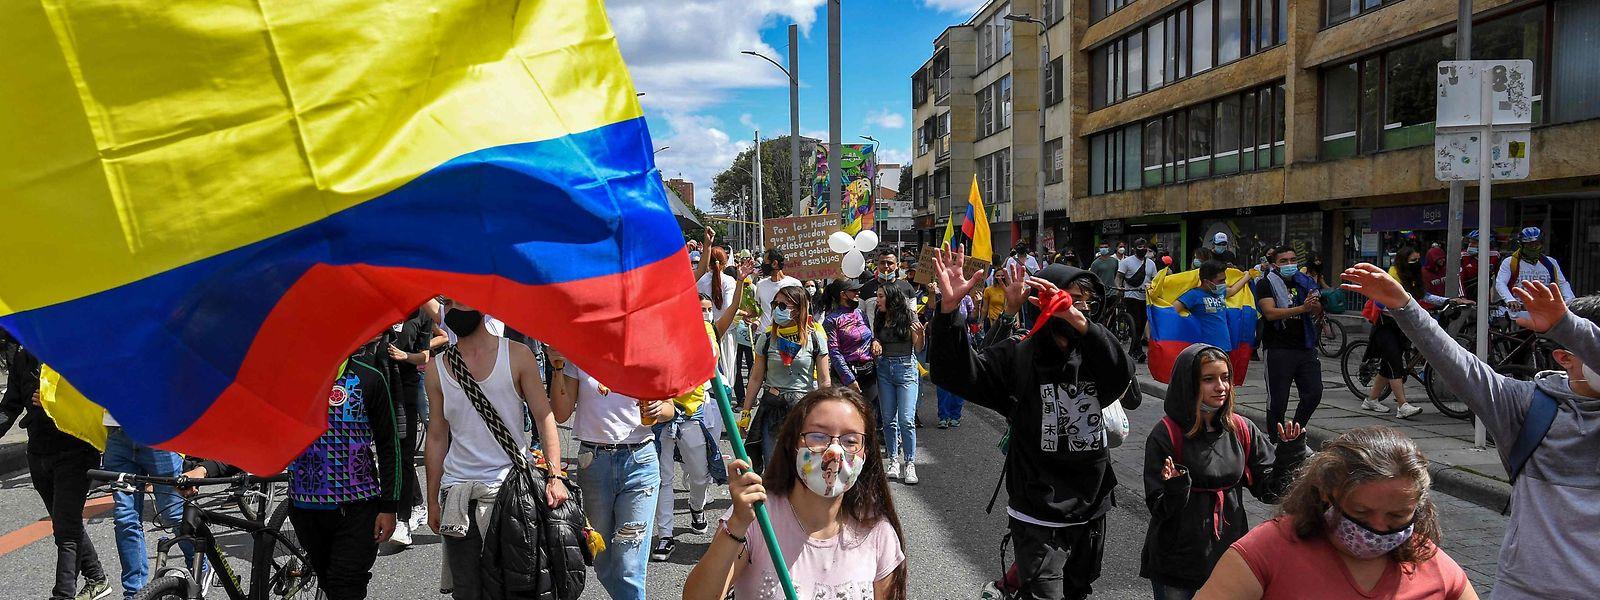 Die seit Wochen andauernden Proteste gegen die kolumbianische Regierung flauen nicht ab.